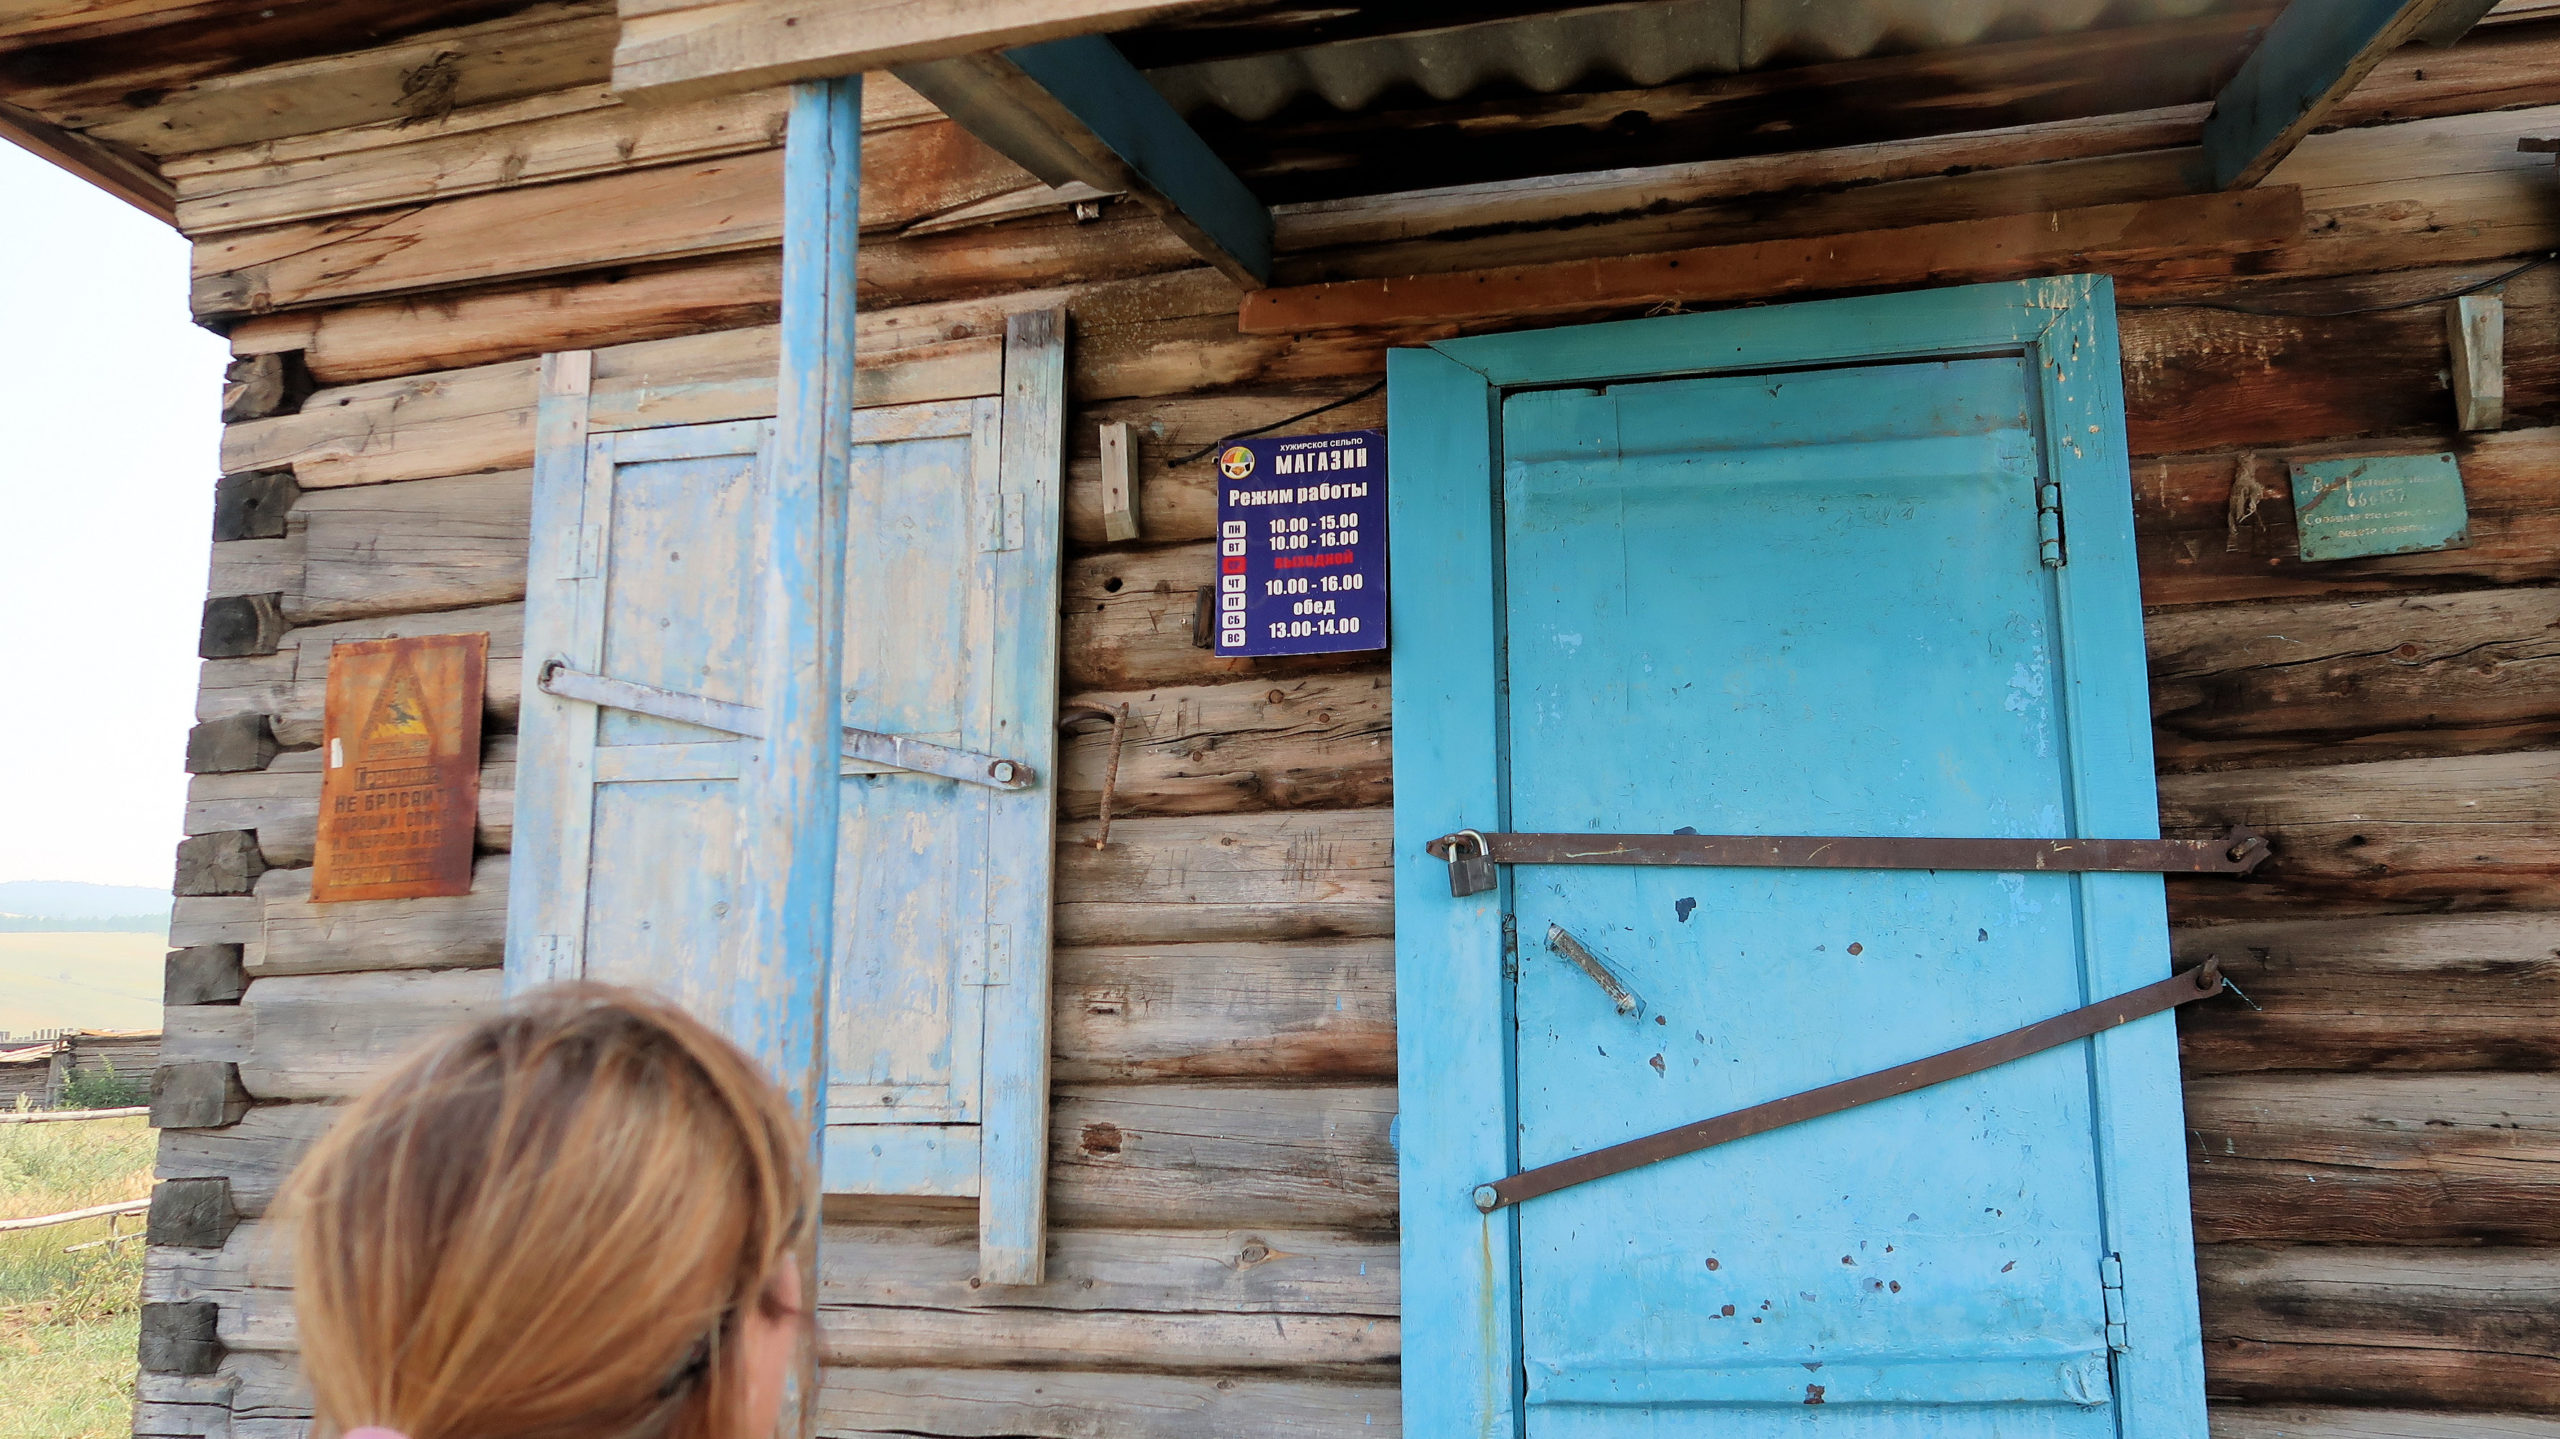 einfacher Kiosk, Russland dem grössten Land der Erde